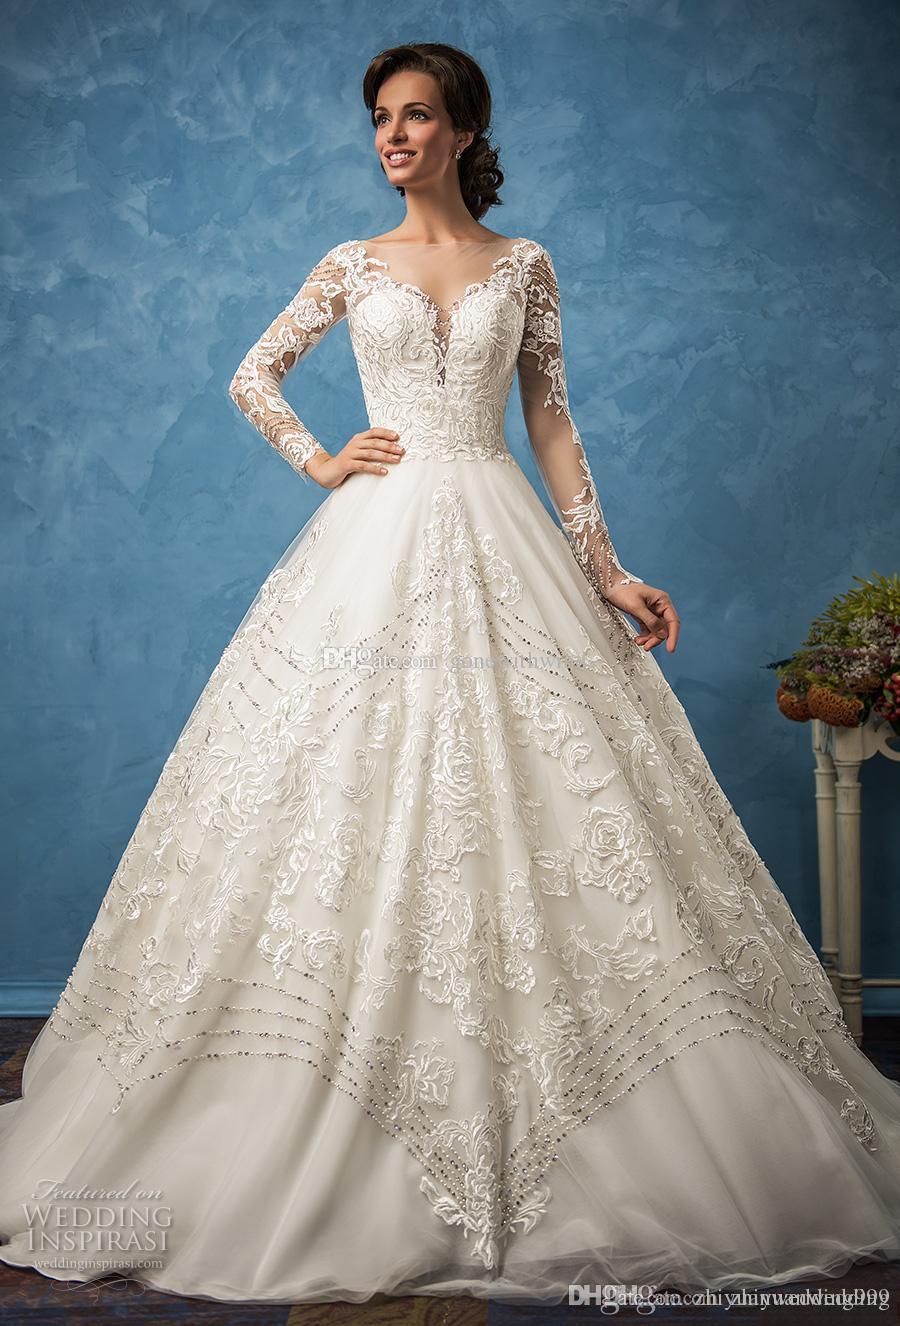 Großhandel Langarm Vintage Brautkleider 2017 Amelia Sposa Braut ...